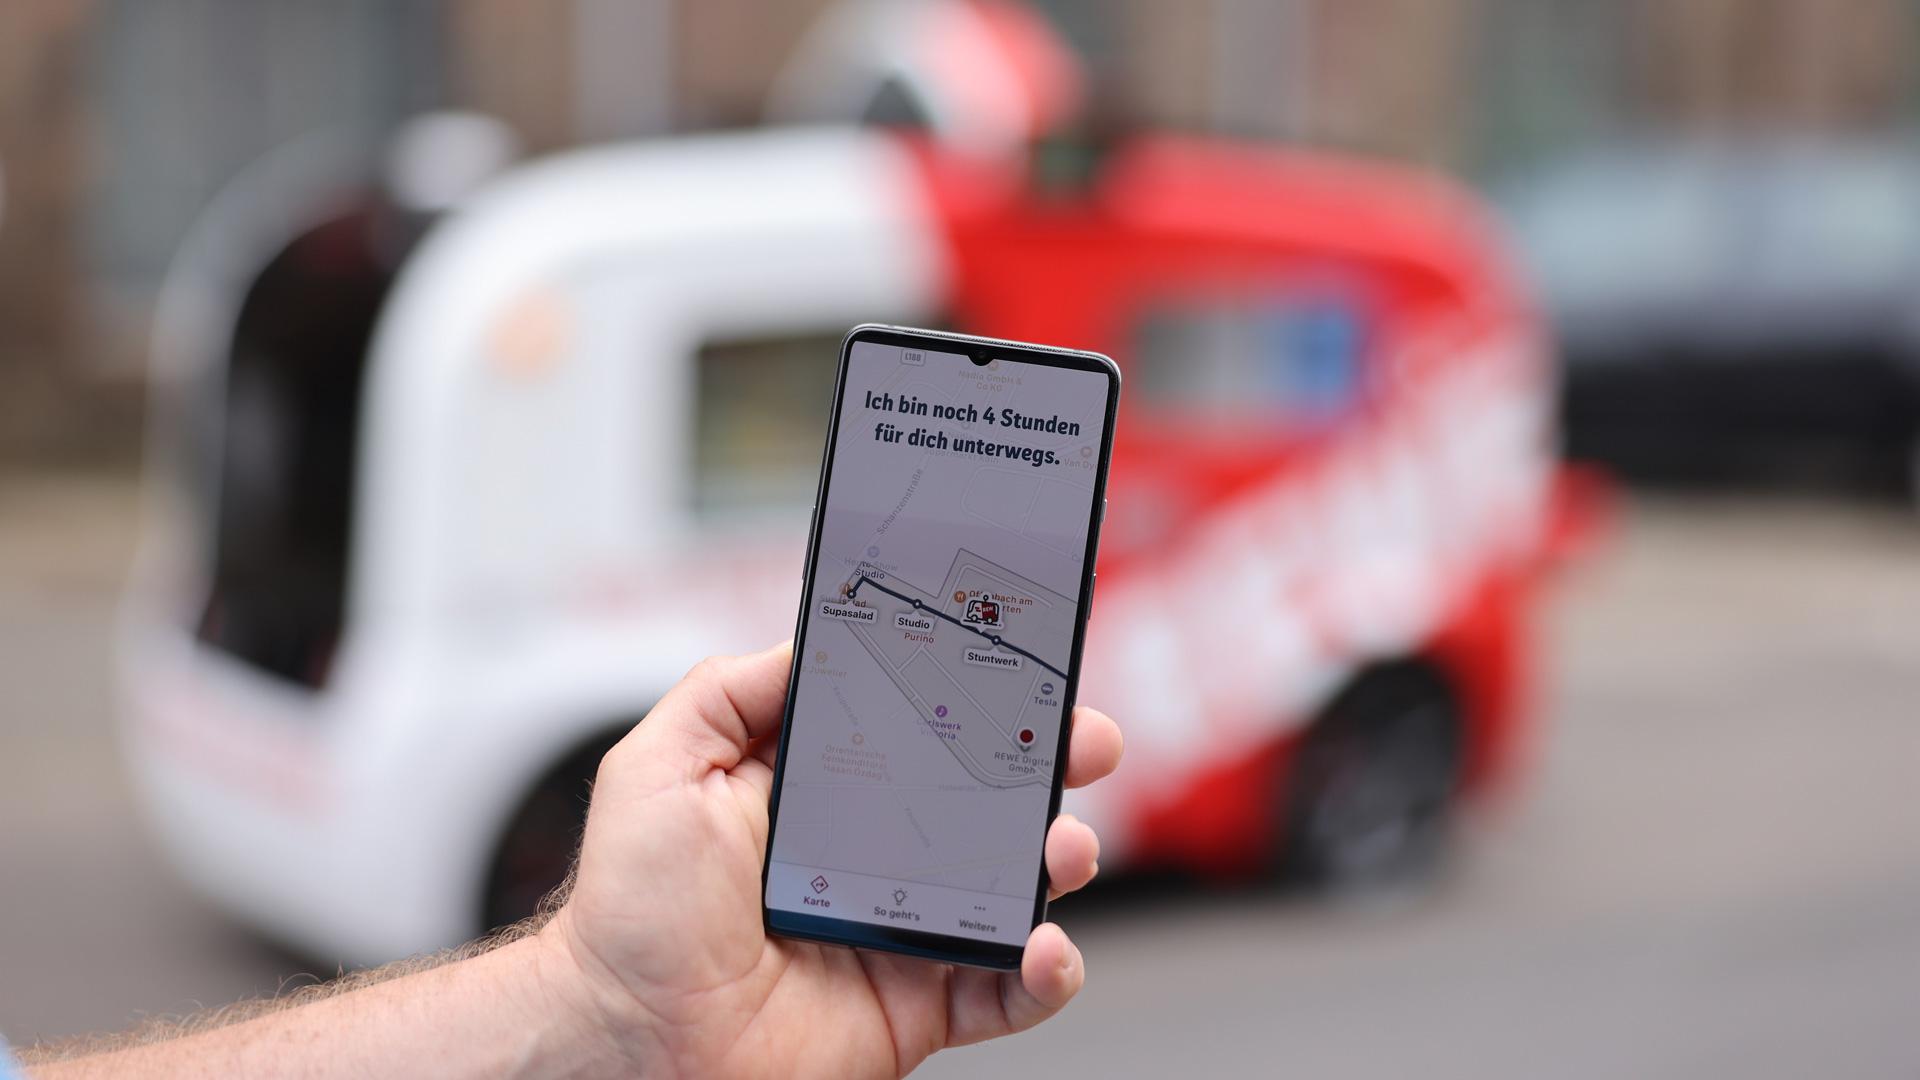 Per App können Nutzer:innen in Kürze prüfen, wo das Snack-Mobil gerade ist